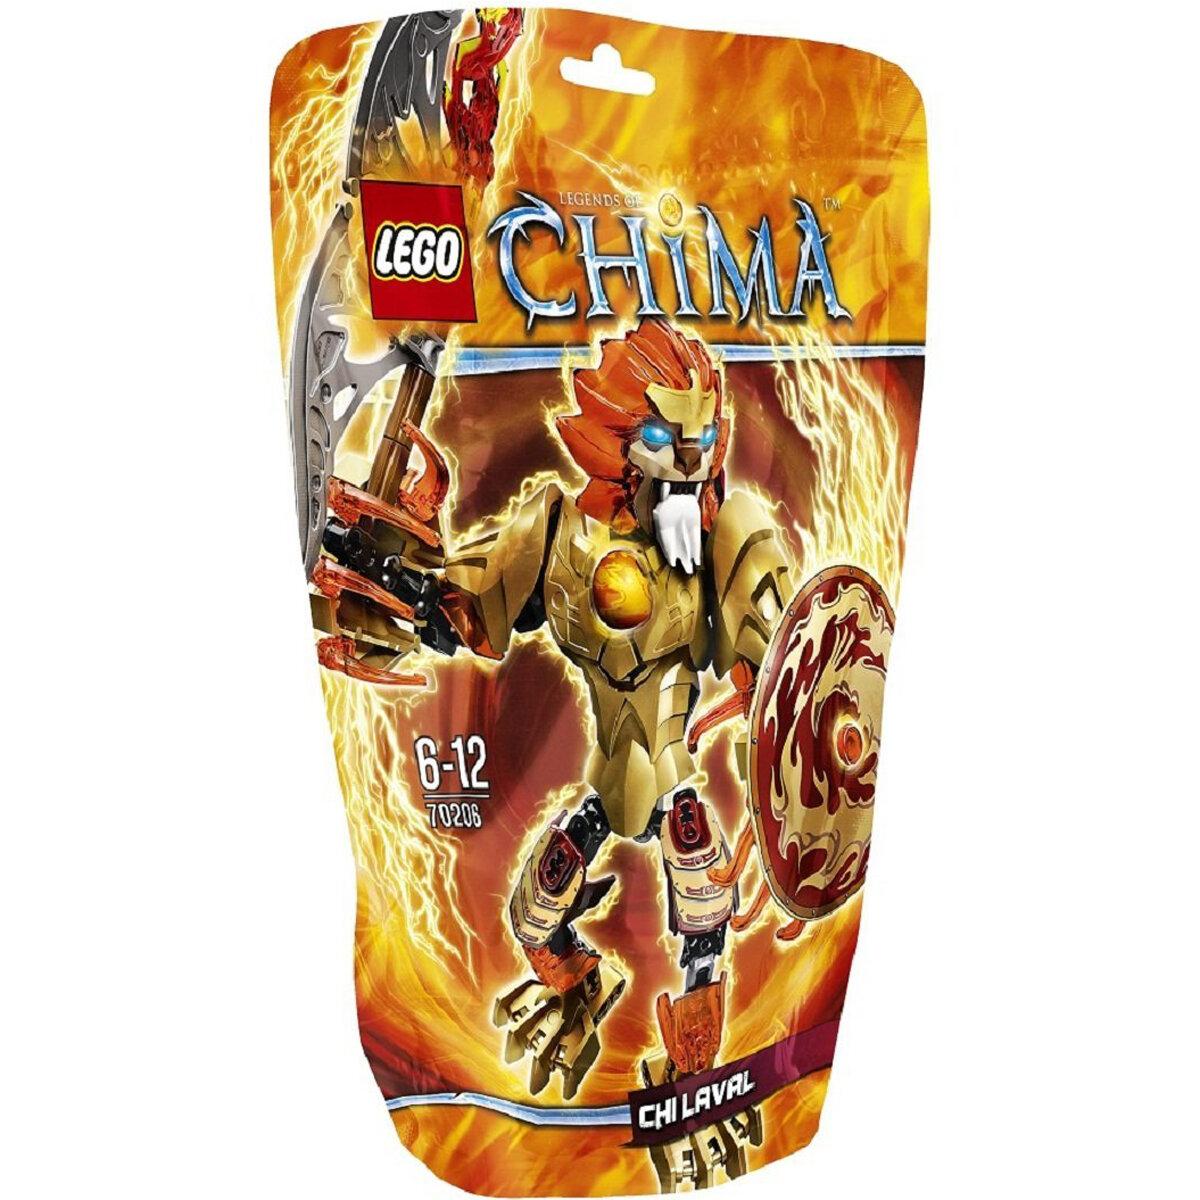 Bộ xếp hình Chiến binh lửa Laval Lego Chima 70206